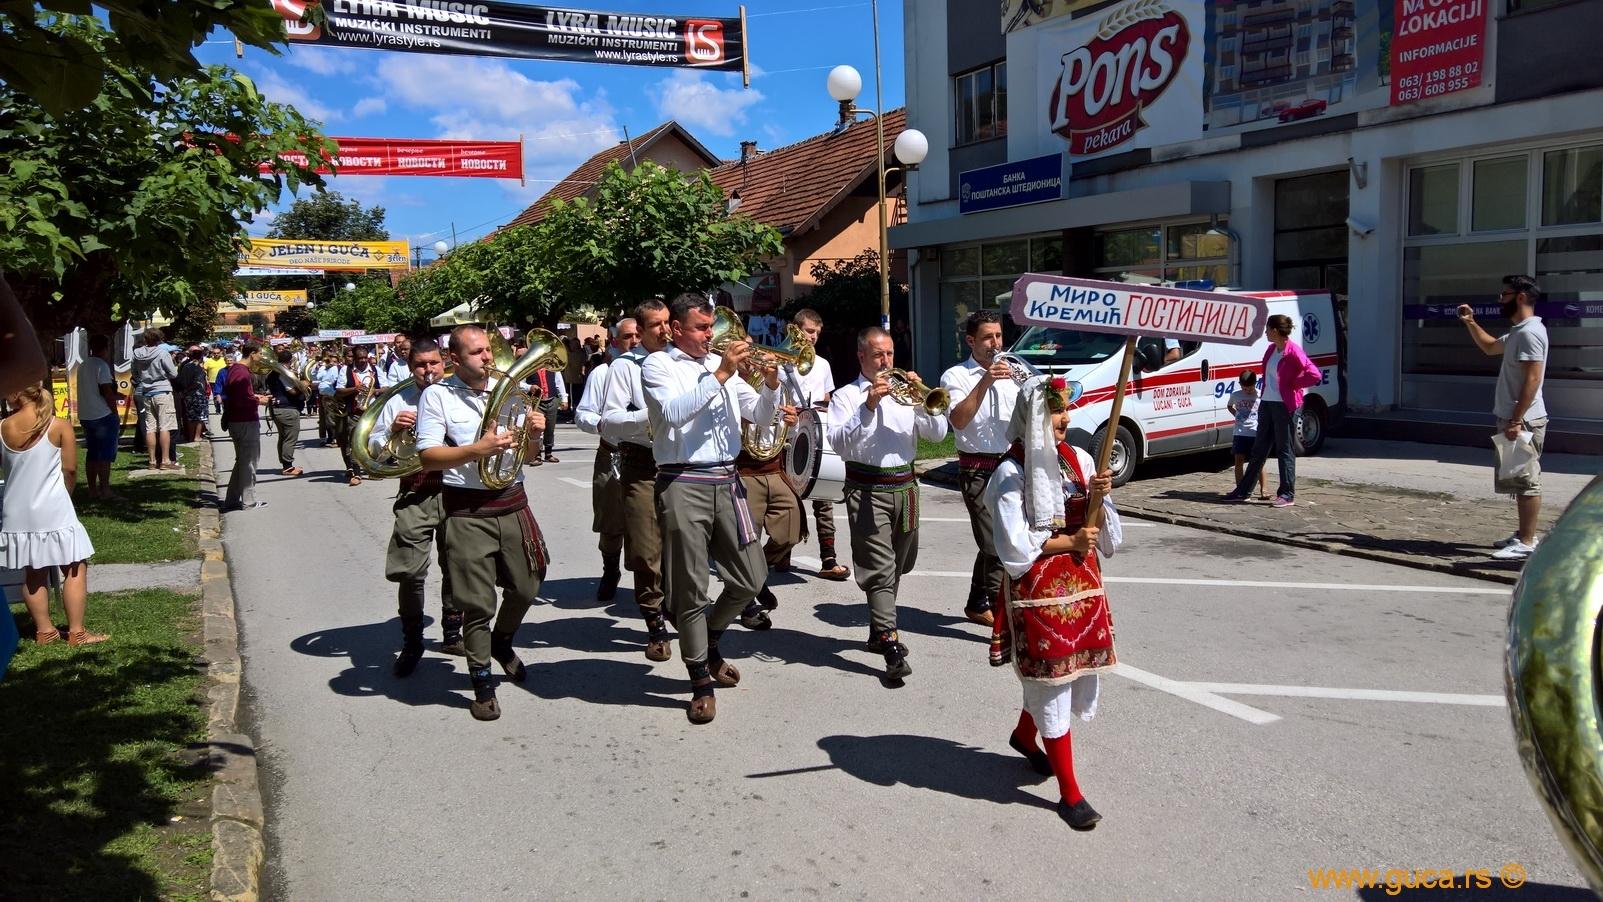 Parade_Guca03